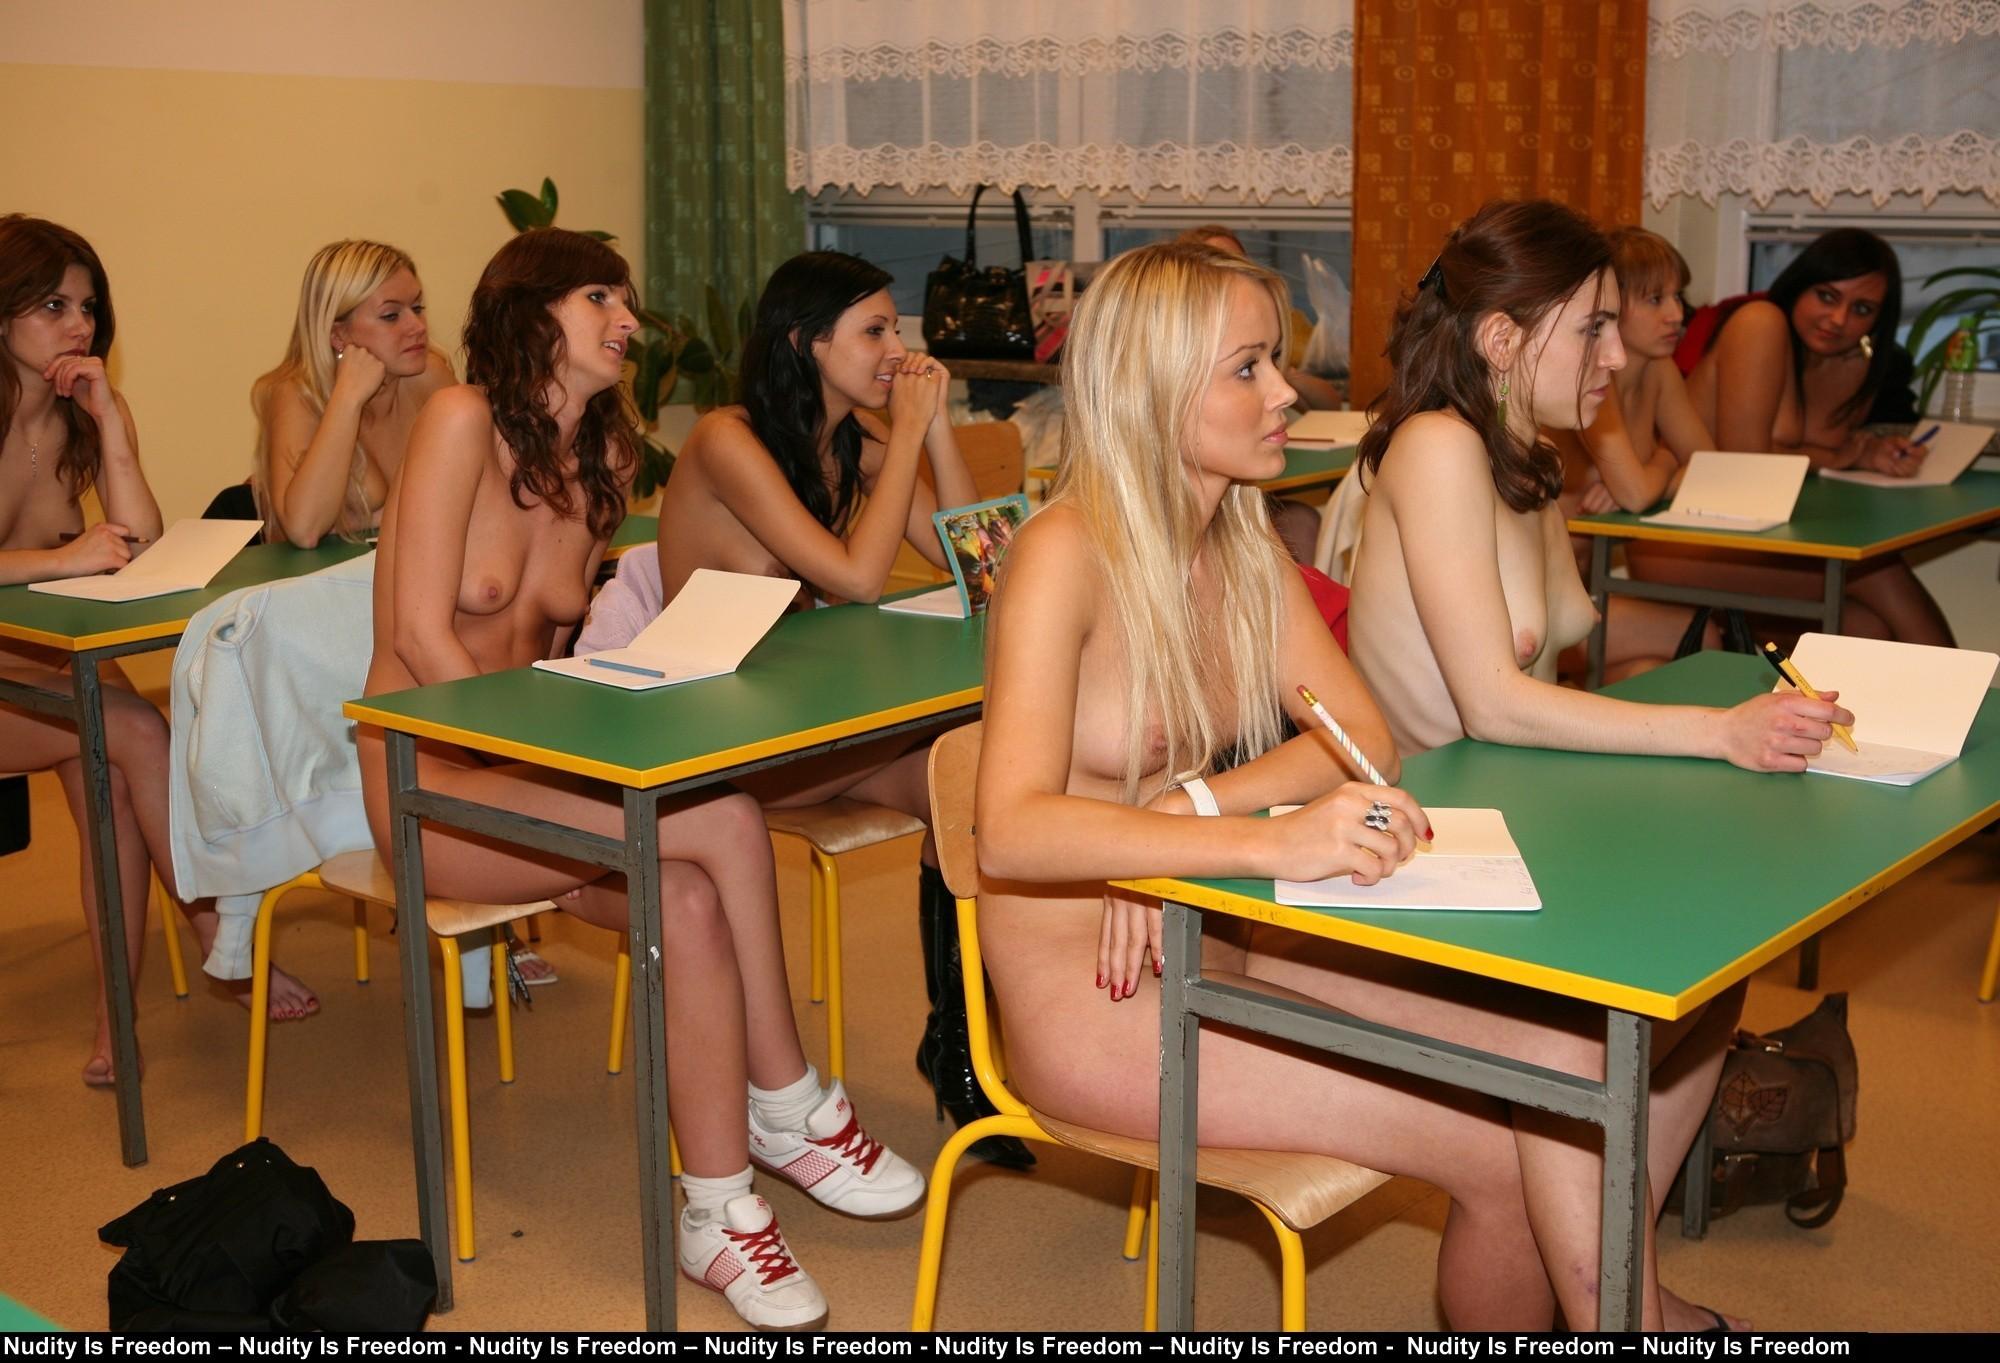 【マジキチ】強制全裸な海外の高校の様子をご覧下さいwwwwwwwwwwwwwwwwwwwwwwwwwwwwwwww(画像あり)・7枚目